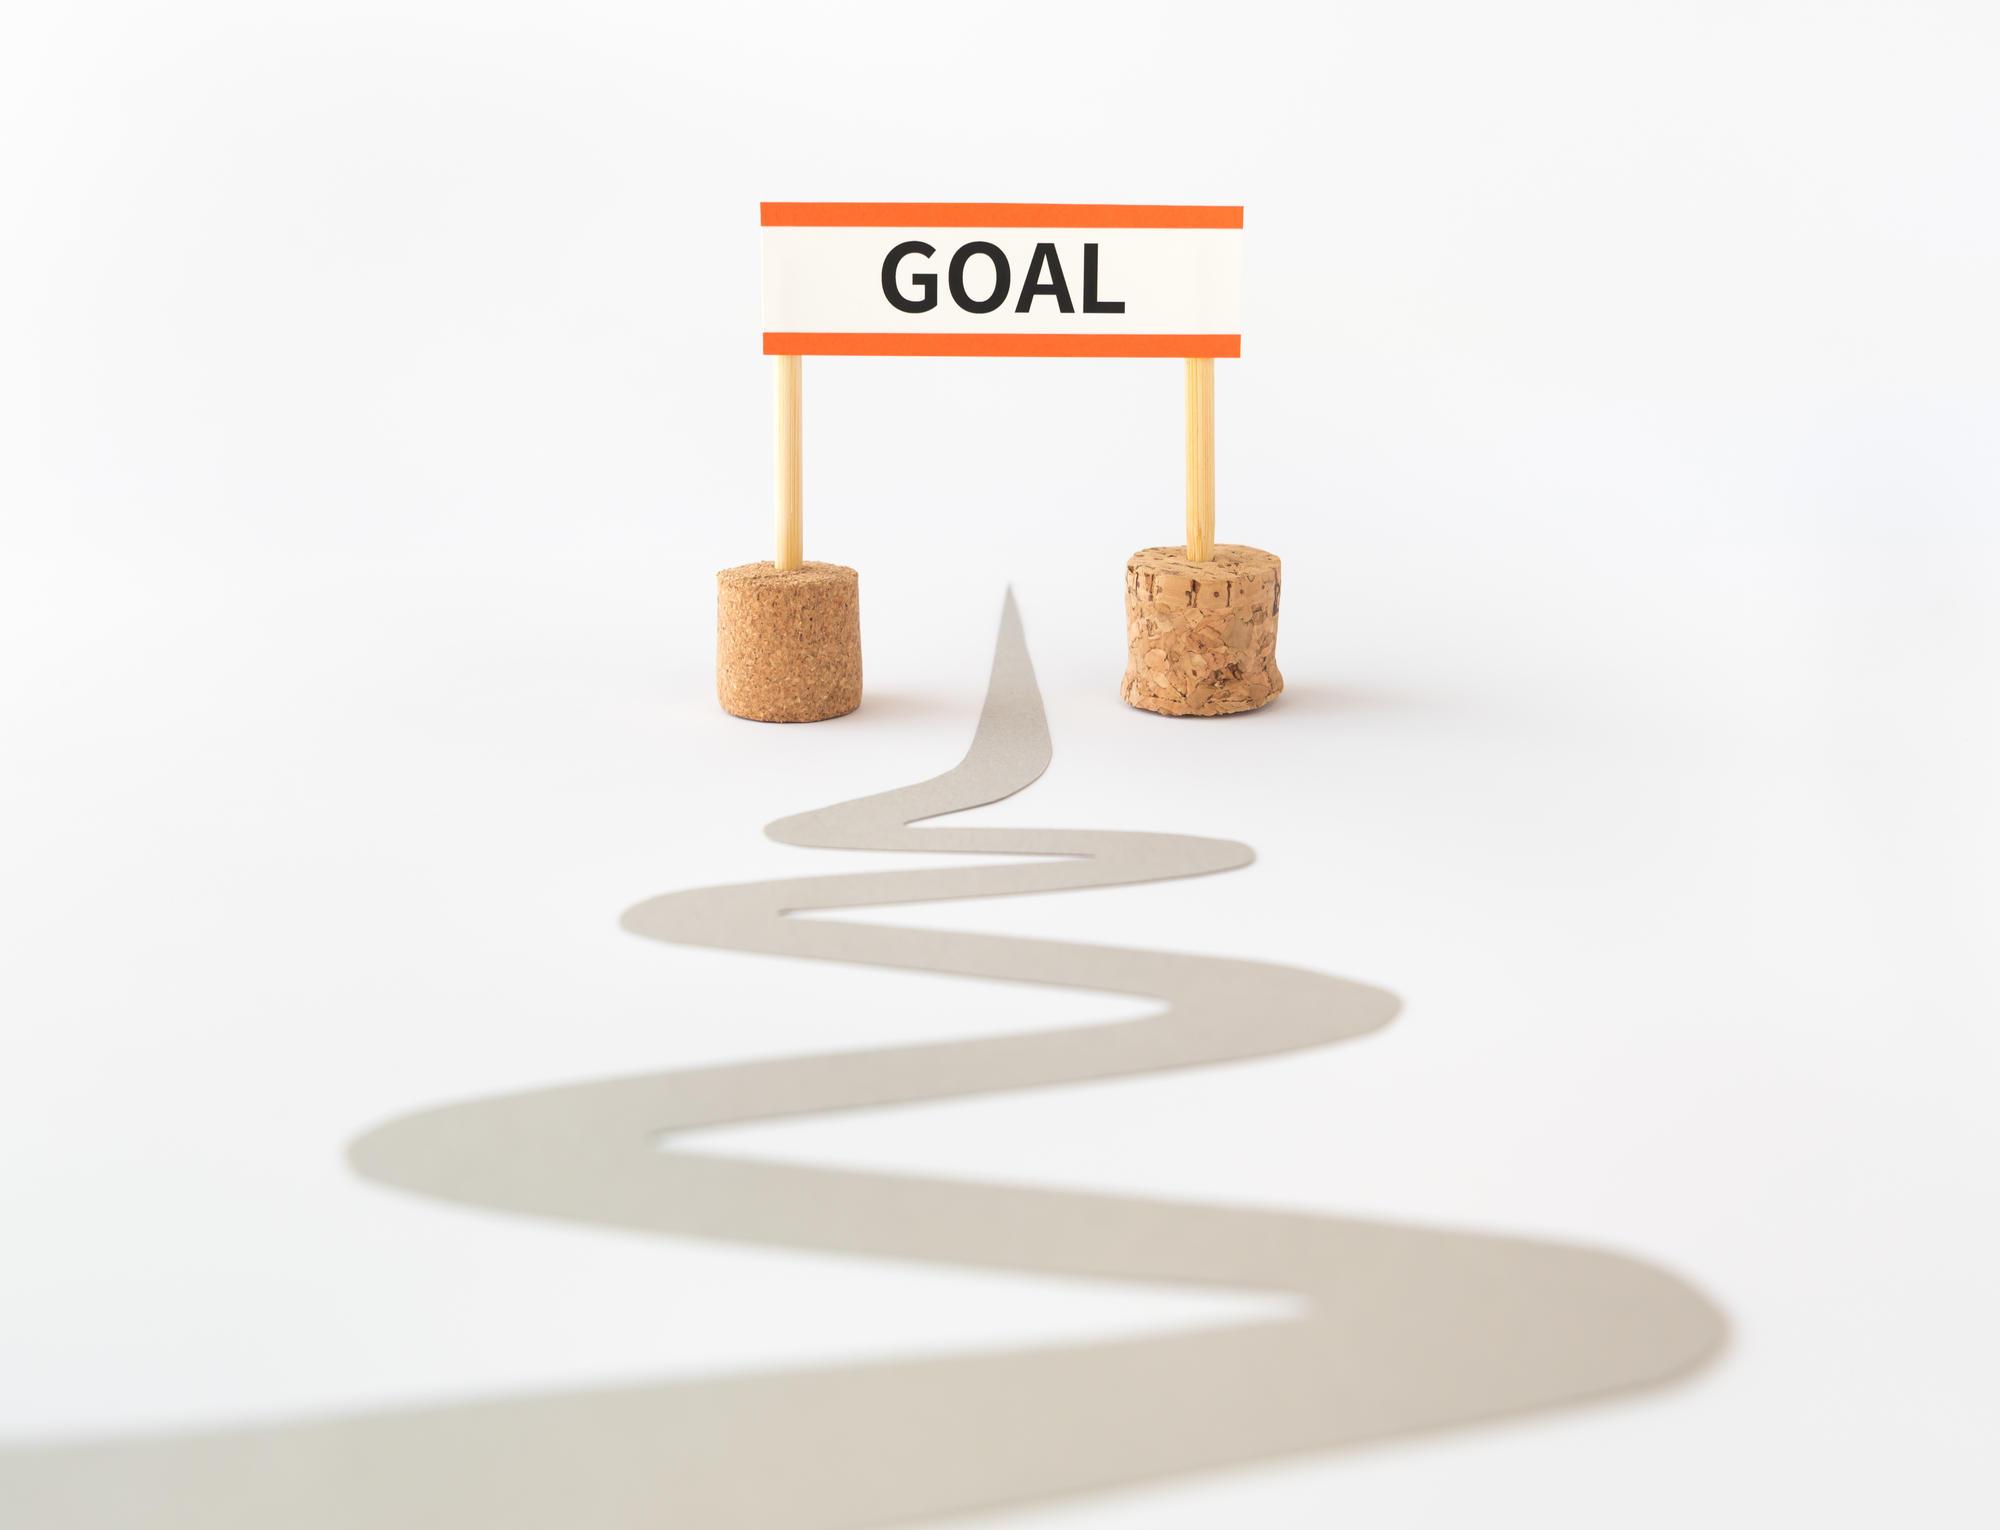 やりたいことがわからない人でも目標を見つけられる!目標設定のコツ ...